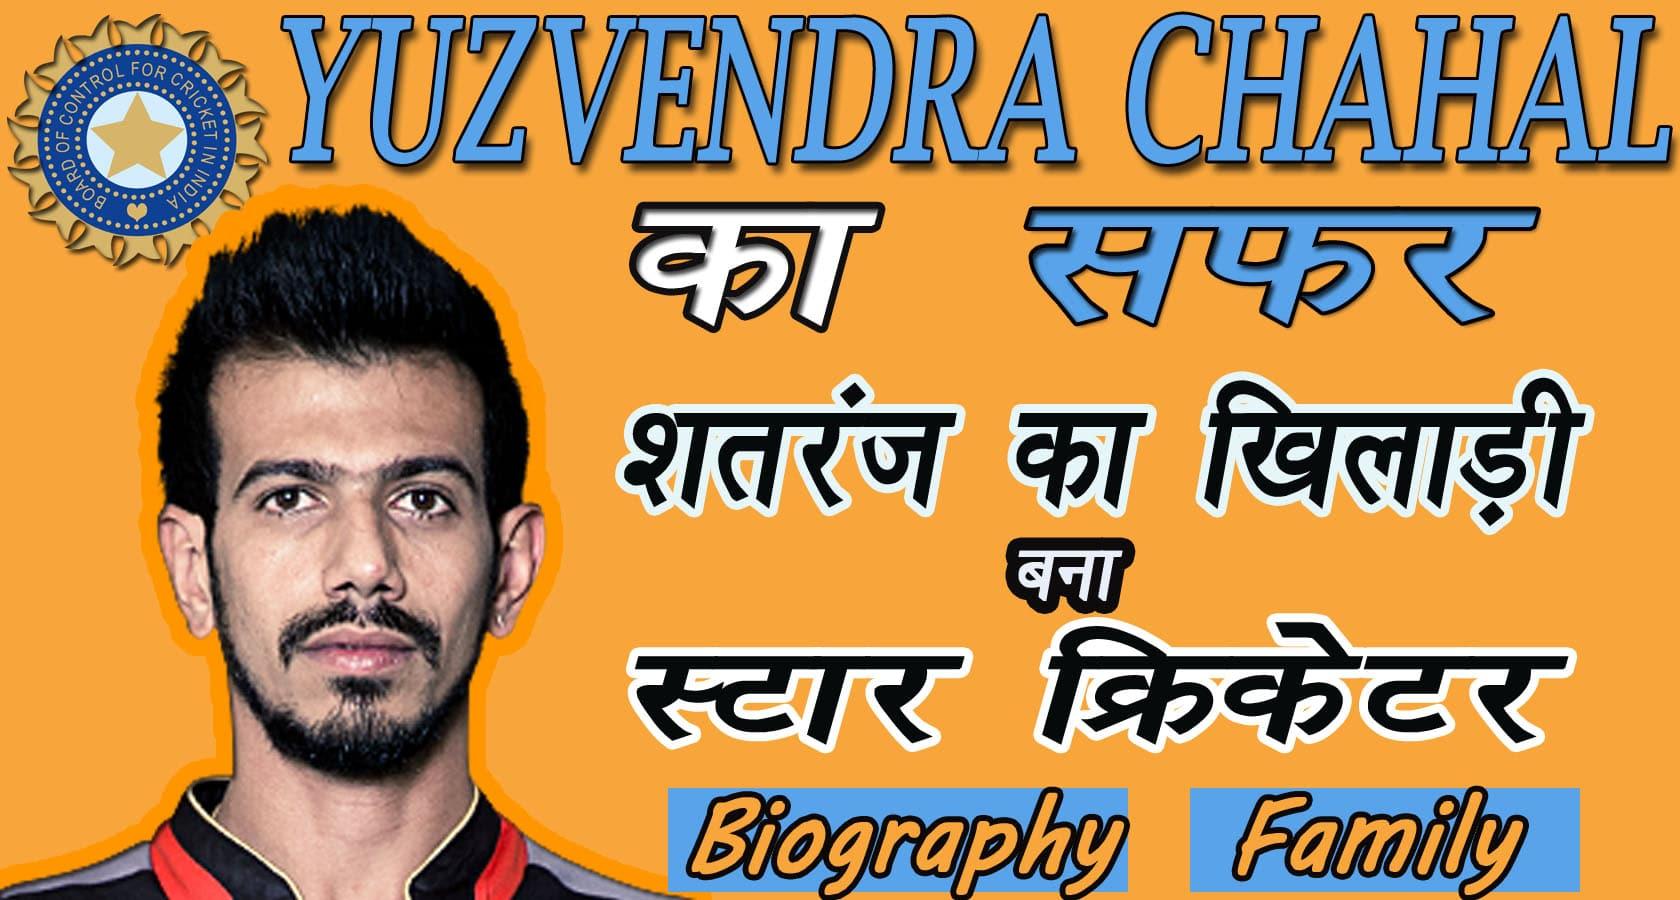 युजवेन्द्र चहल की जीवनी | Yuzvendra Chahal